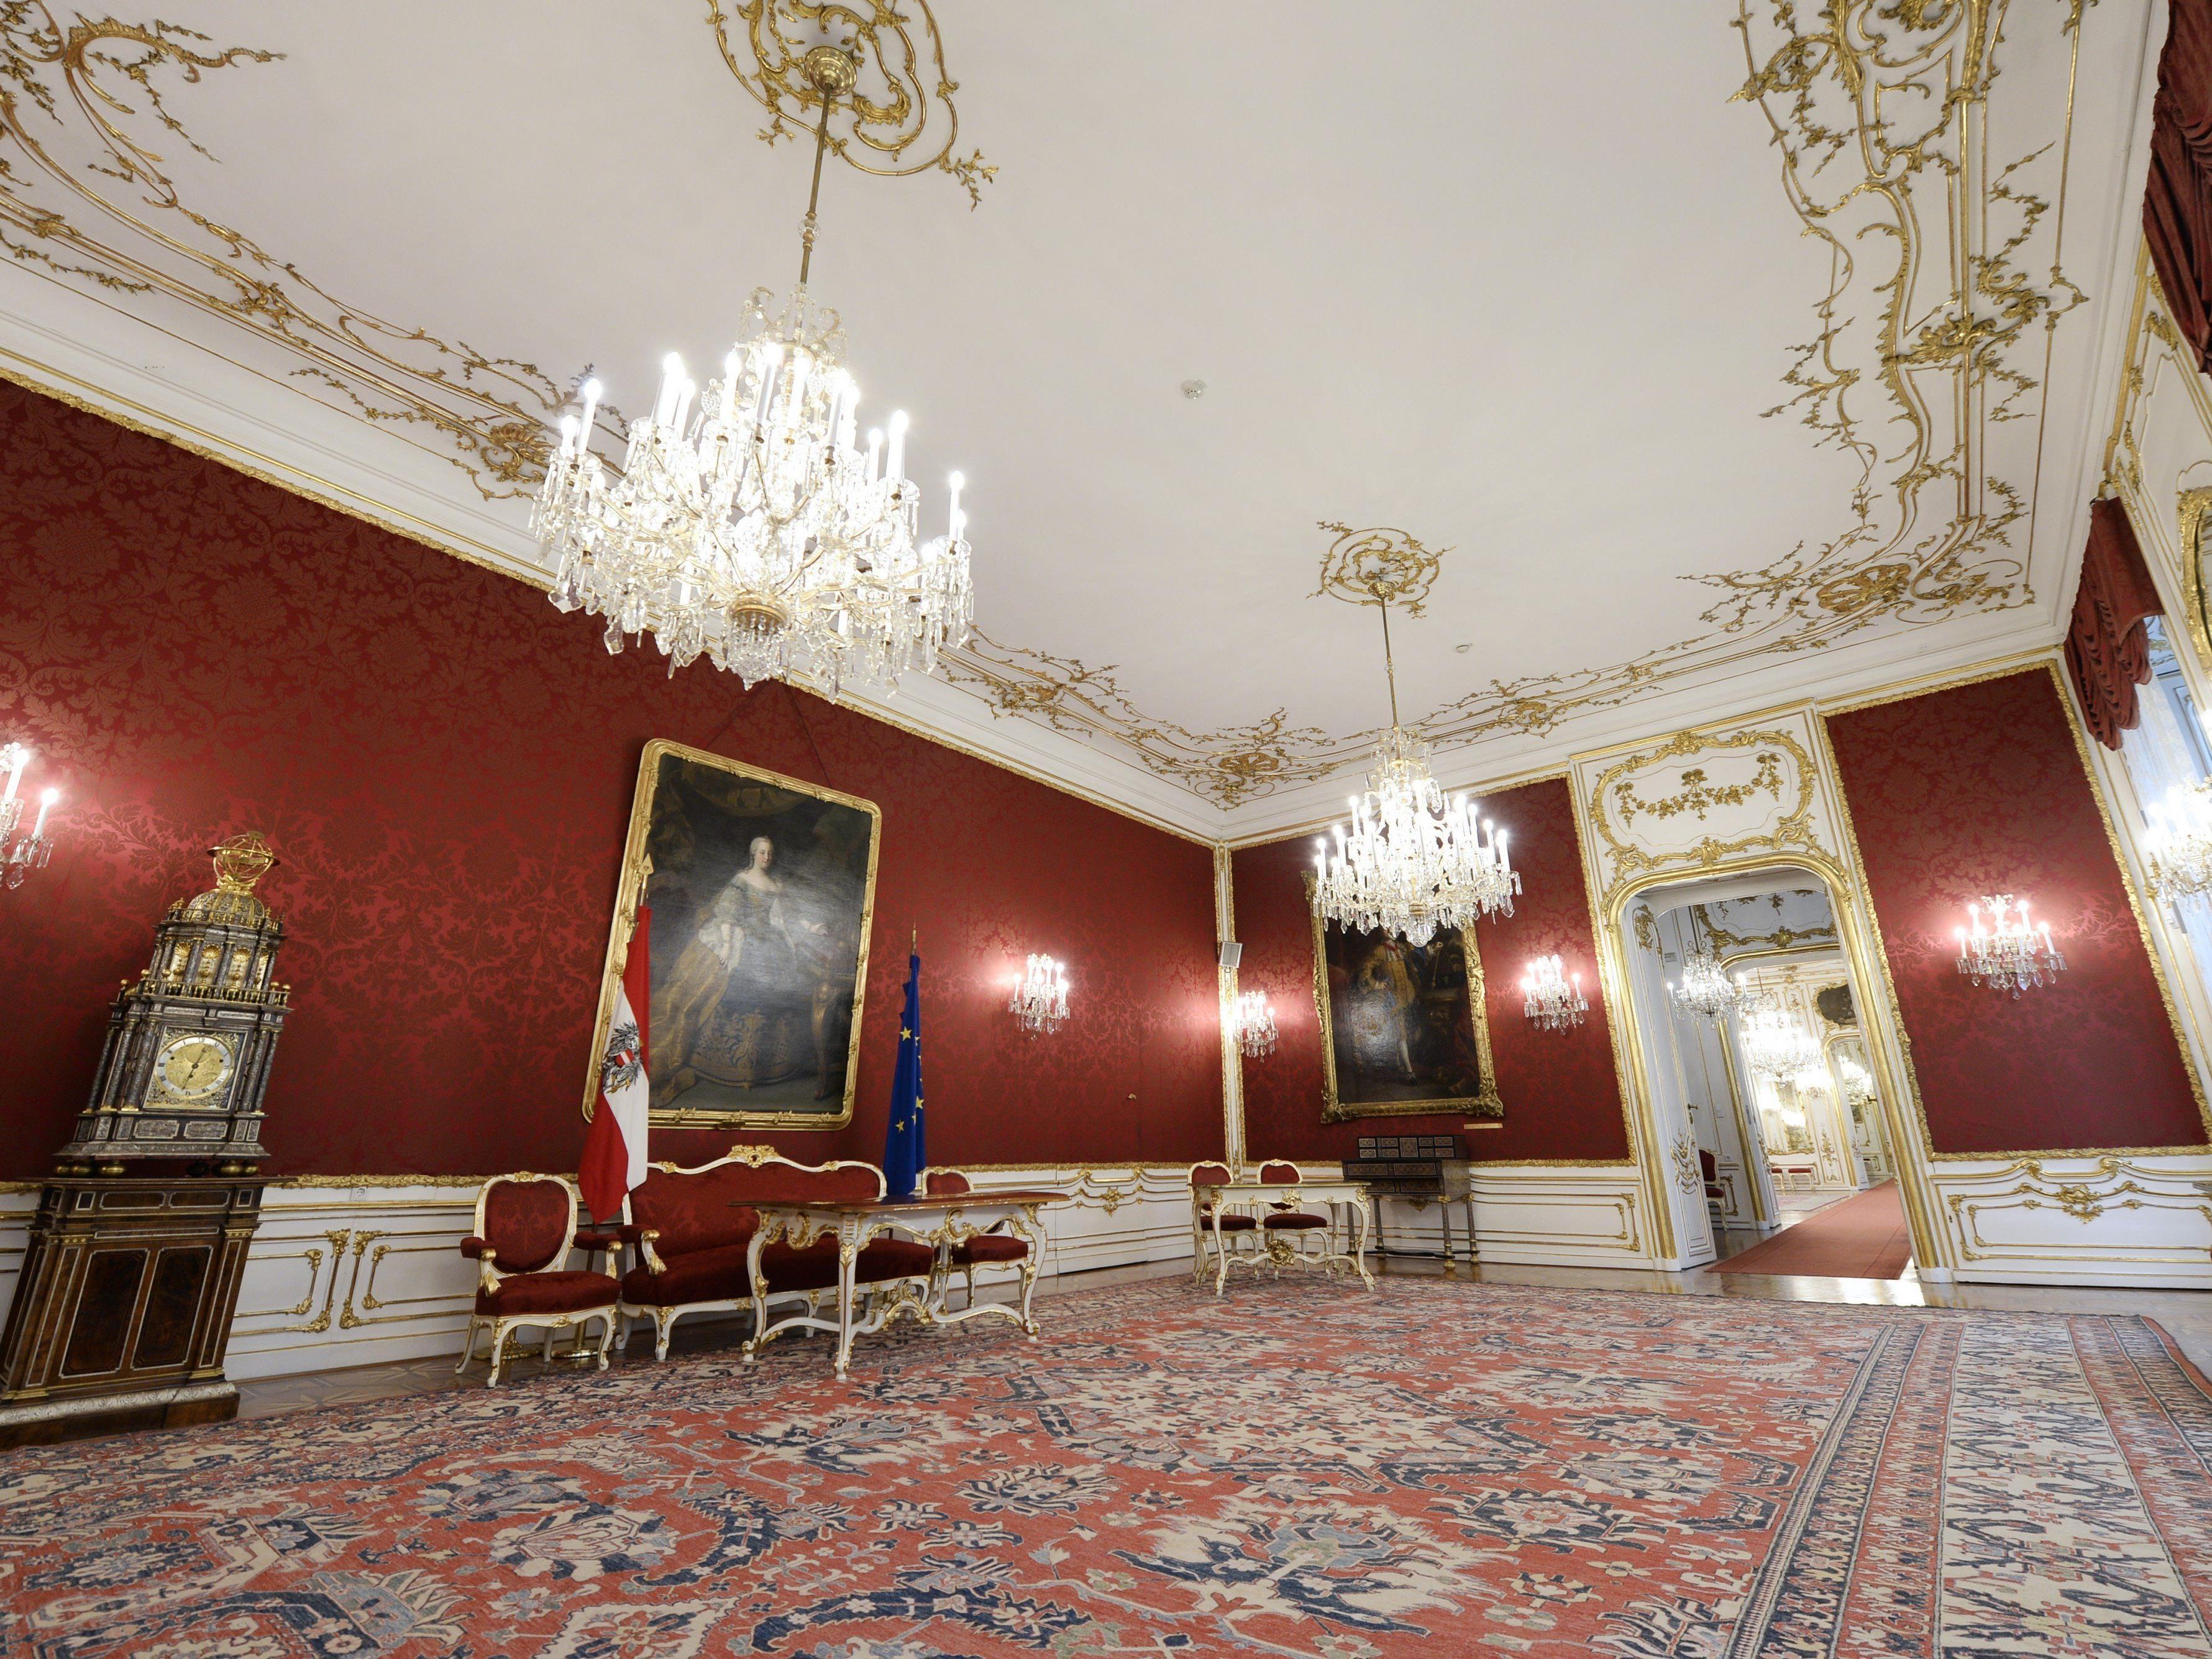 Das Maria-Theresien-Zimmer in der Wiener Hofburg.